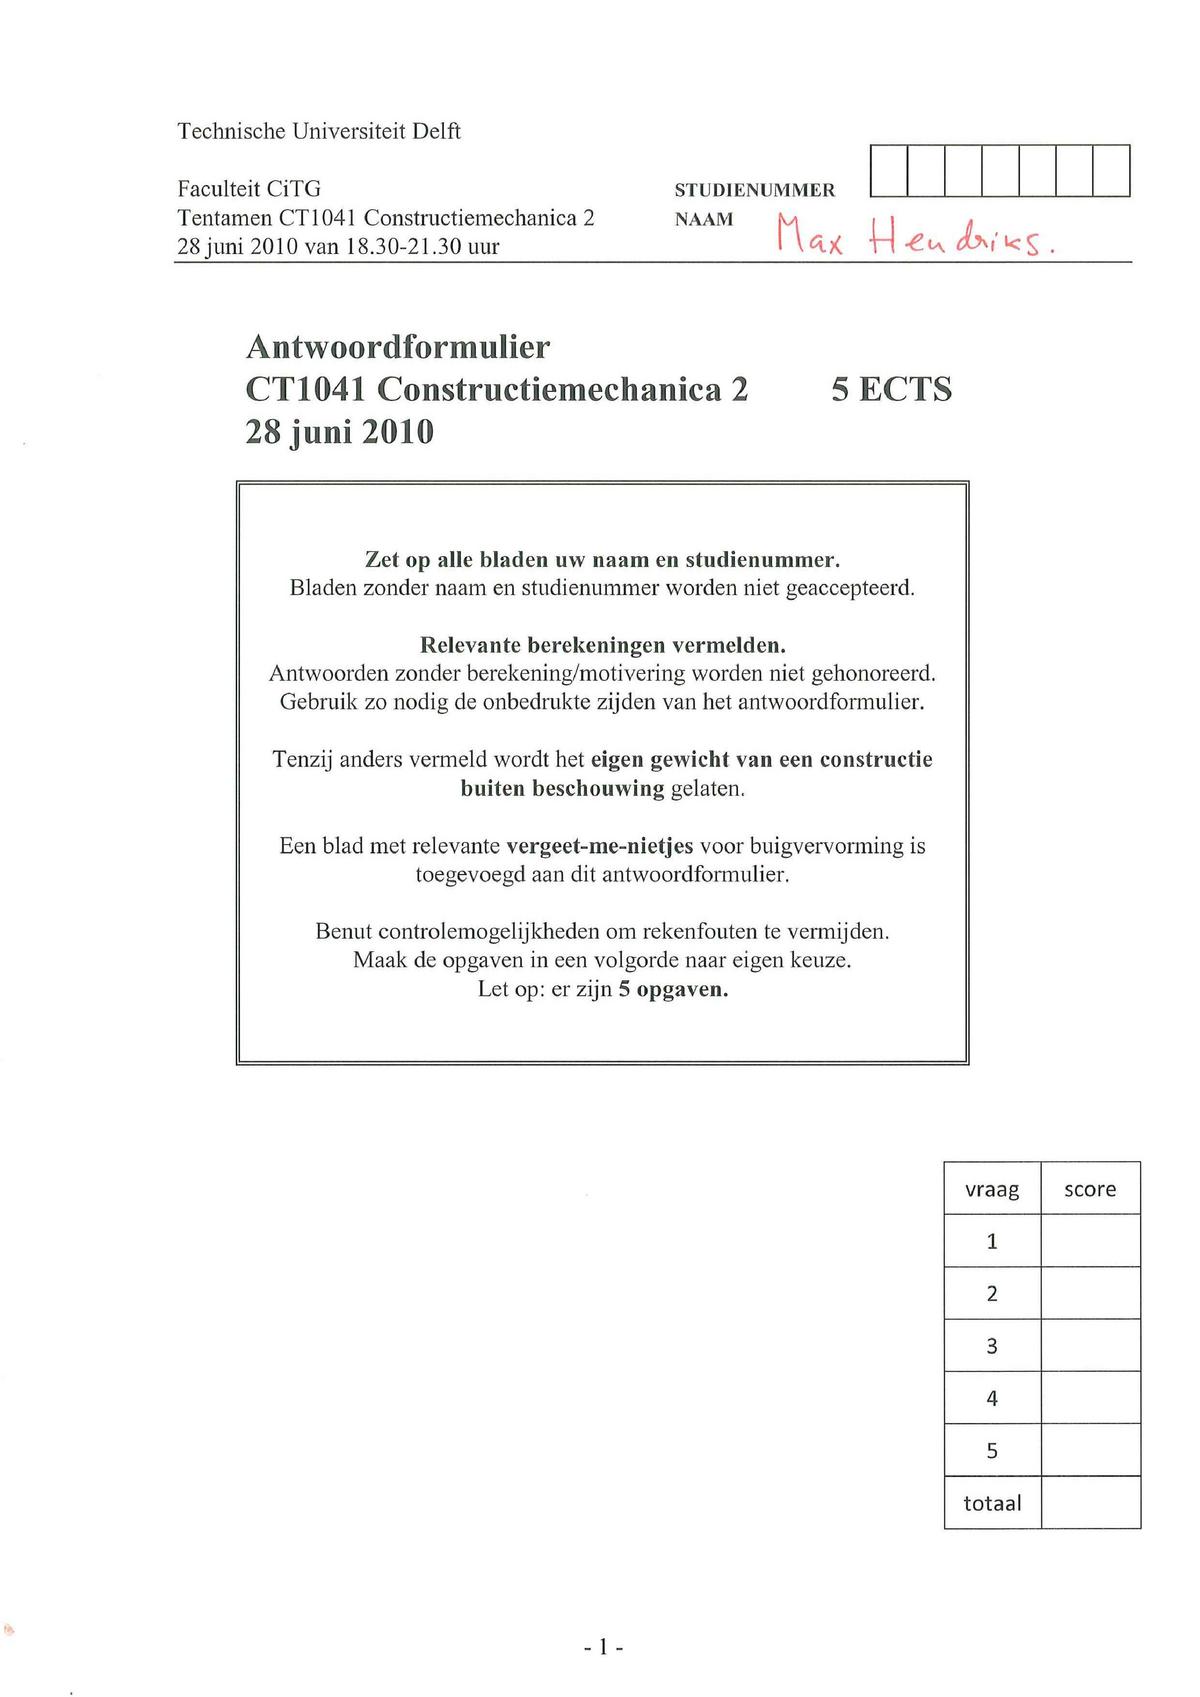 Tentamen juni 2010, antwoorden Constructiemechanica 2